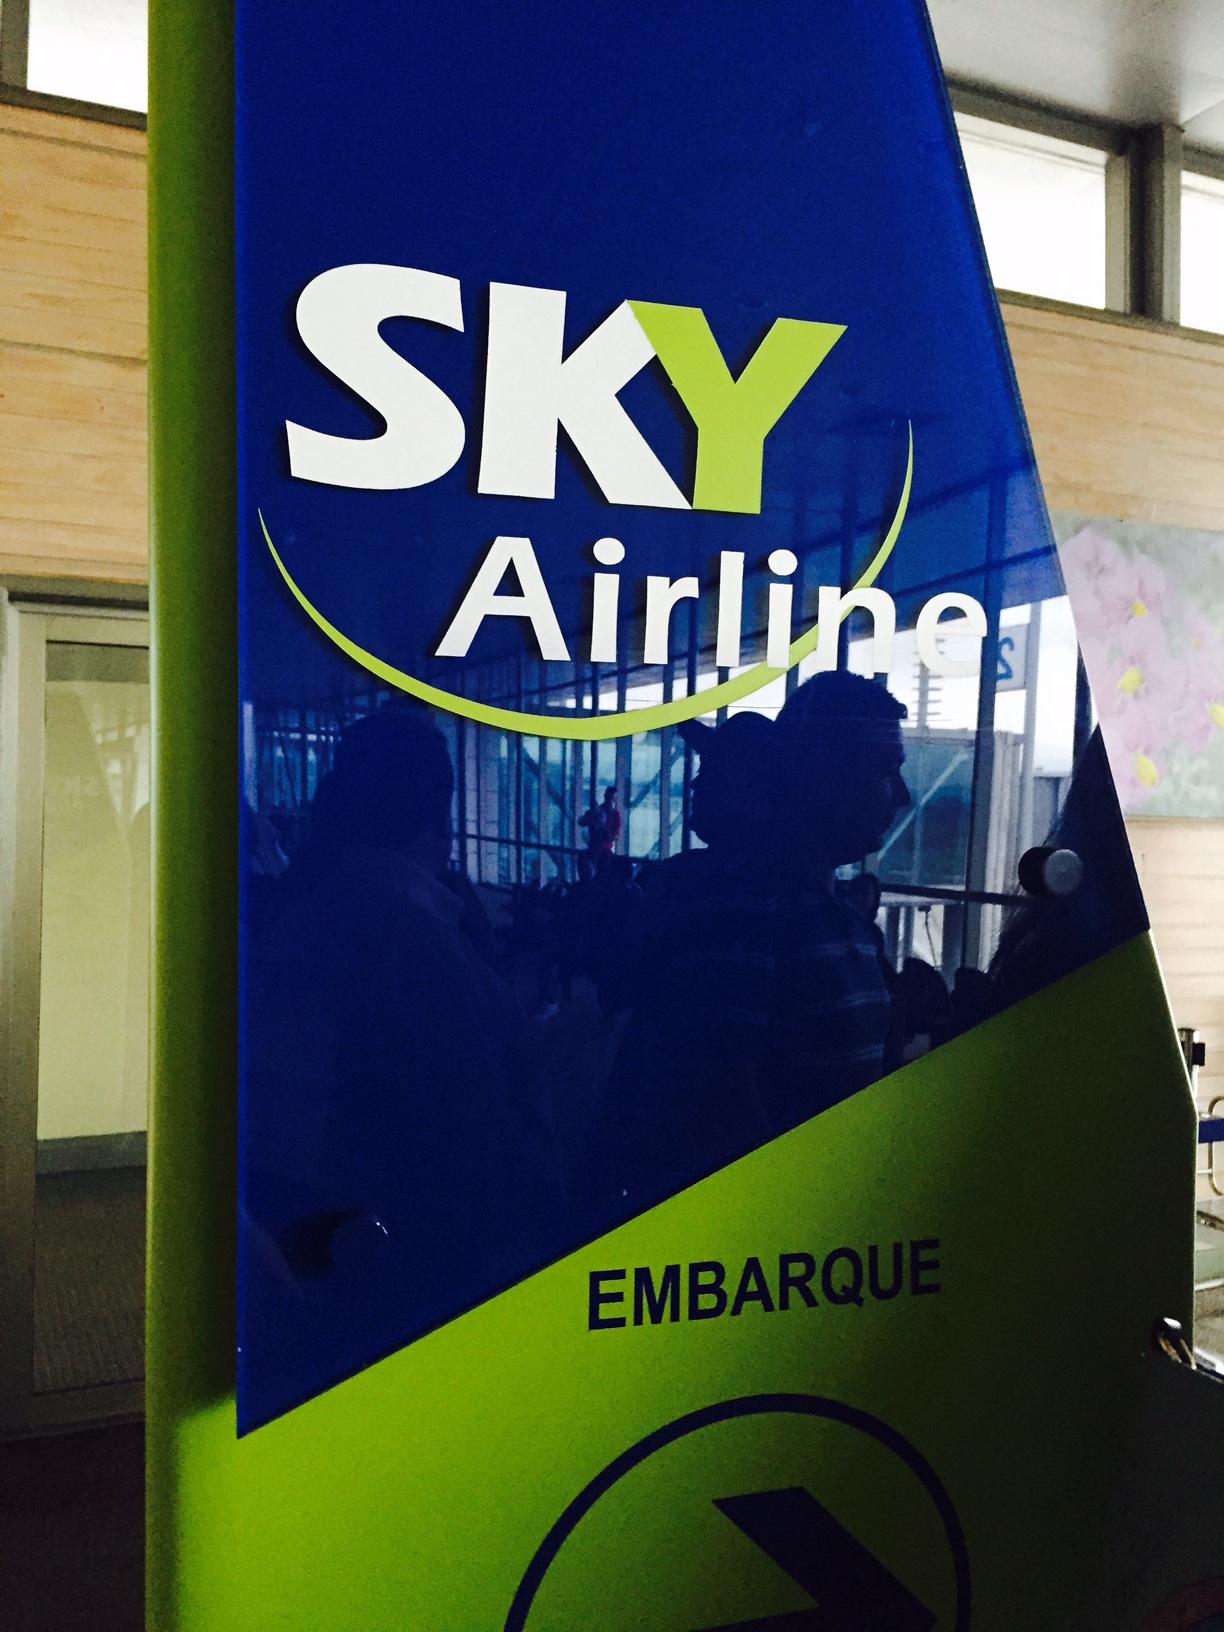 Mediante una declaración pública Aerolínea Sky se refiere a suspensión de vuelos entre Balmaceda y Punta Arenas